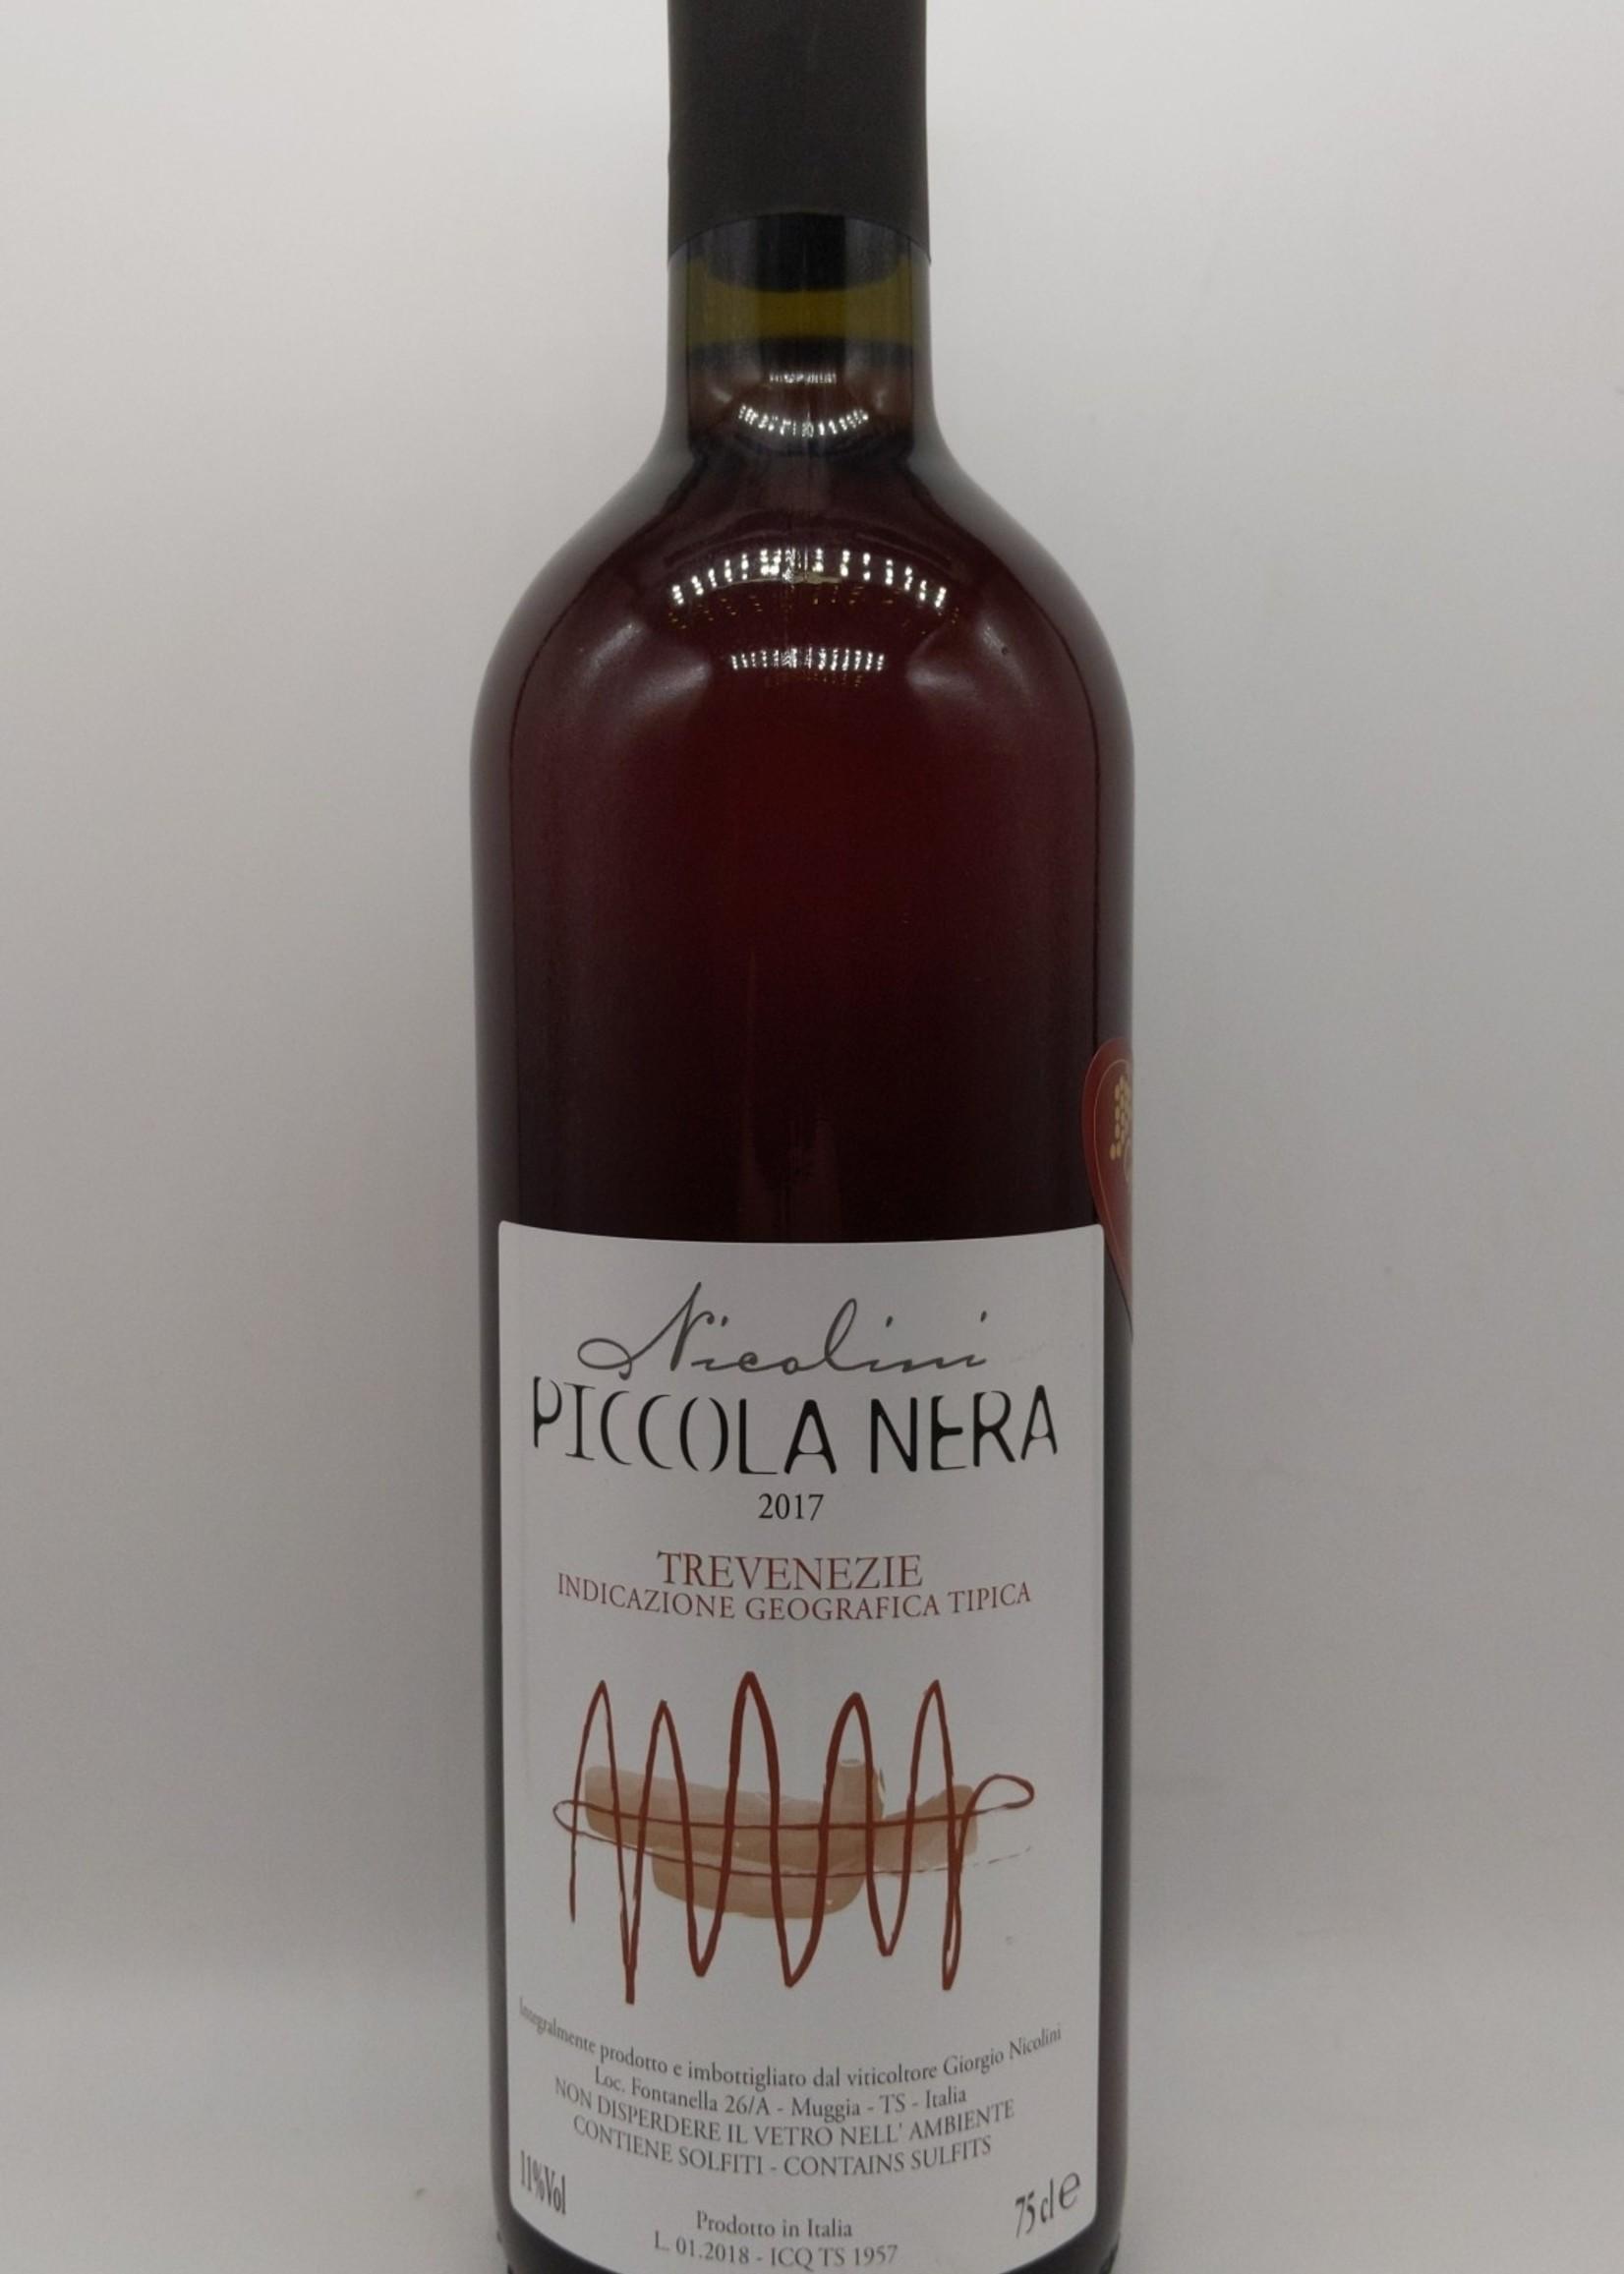 2017 NICOLINI PICCOLA NERA 750ml